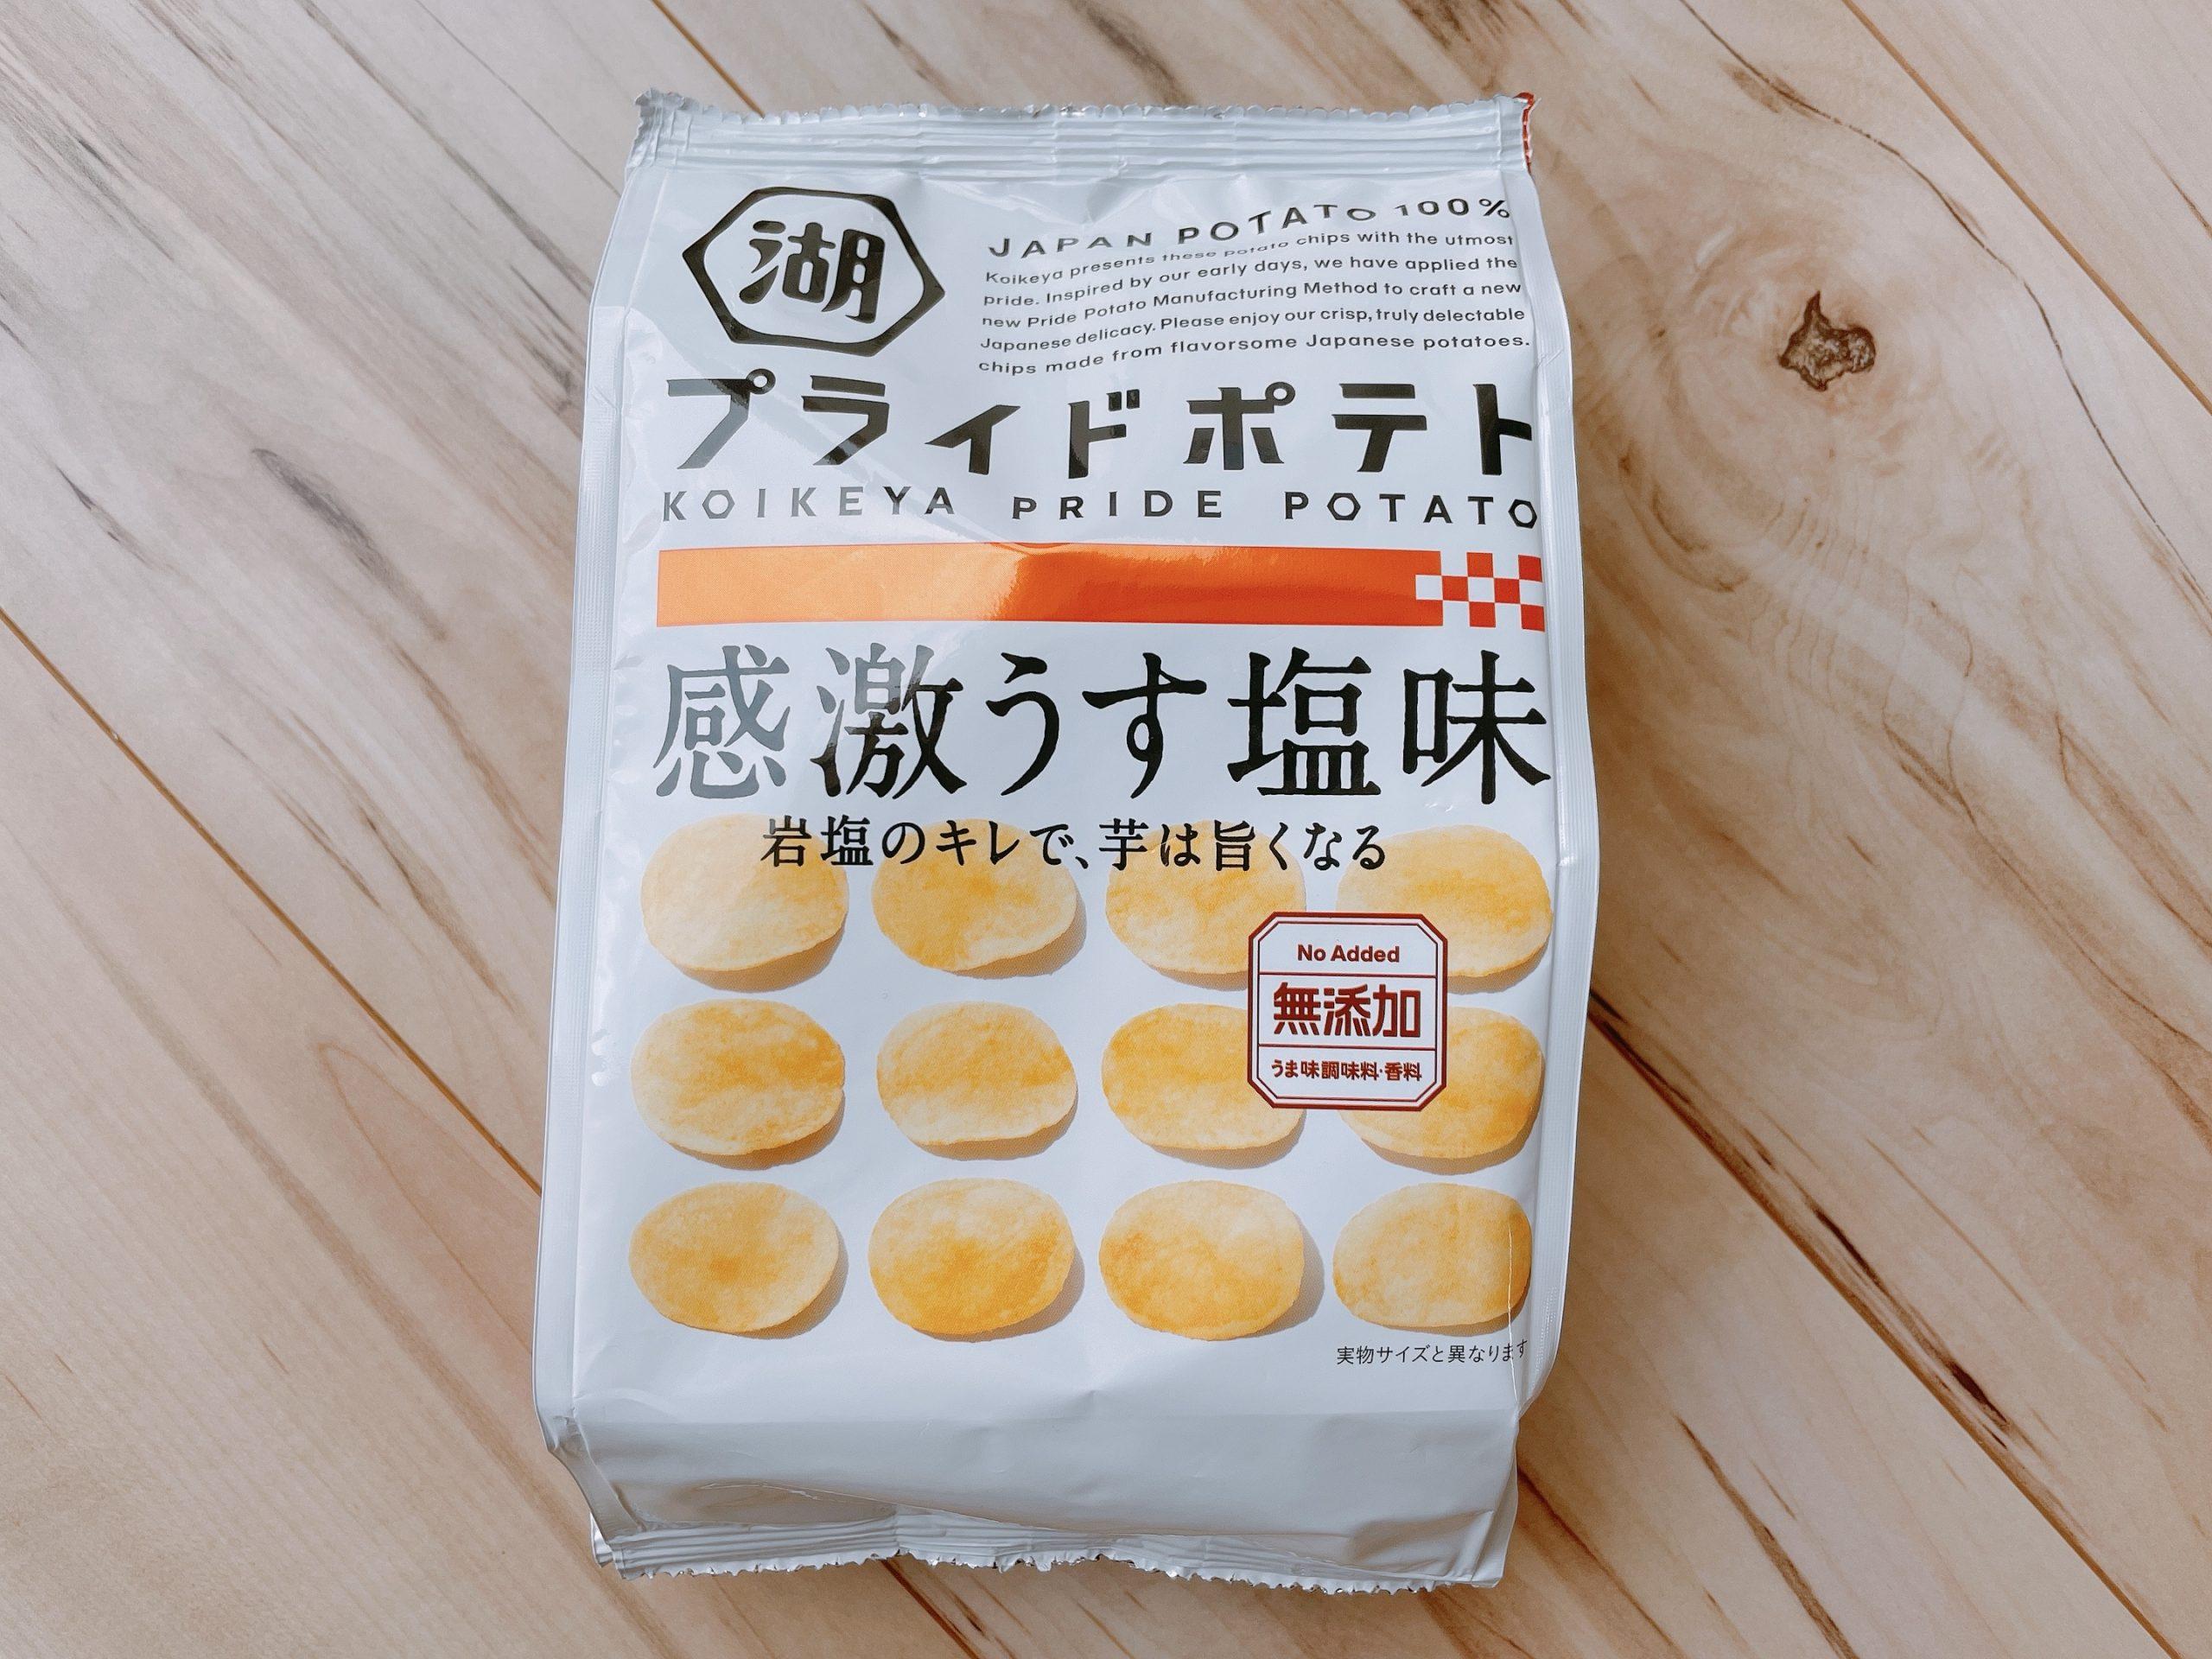 プライドポテト<感激うす塩味>のパッケージ